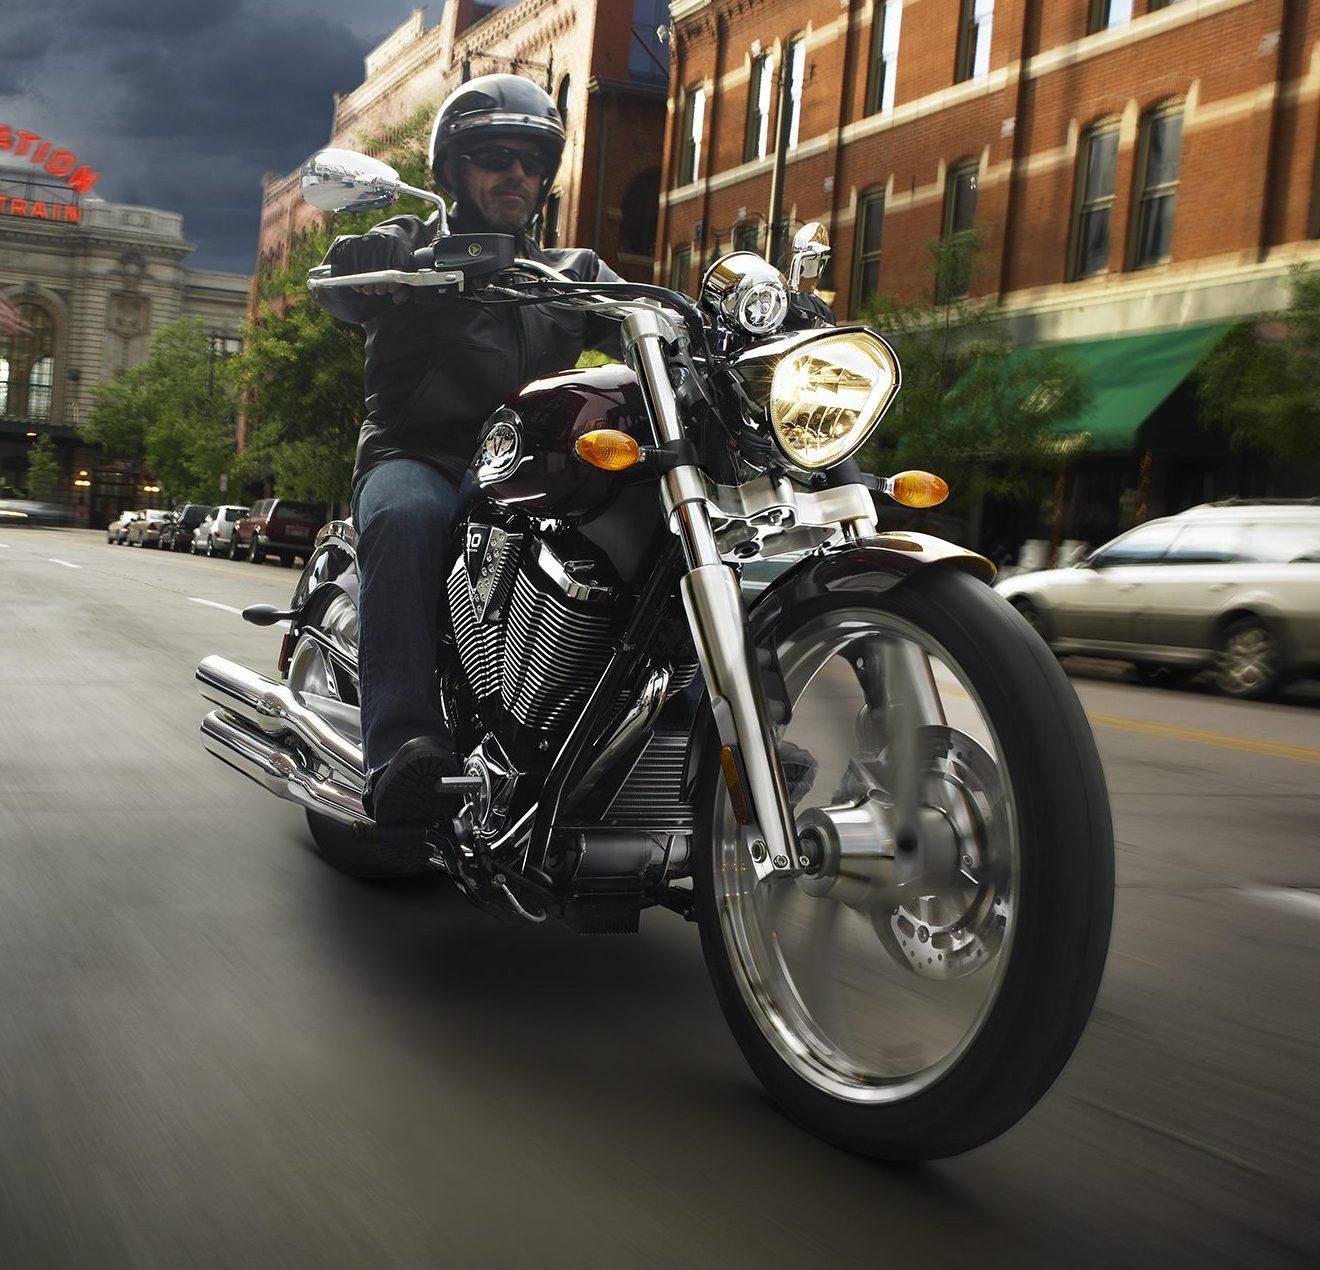 Victory Motorcycle – Key Visual